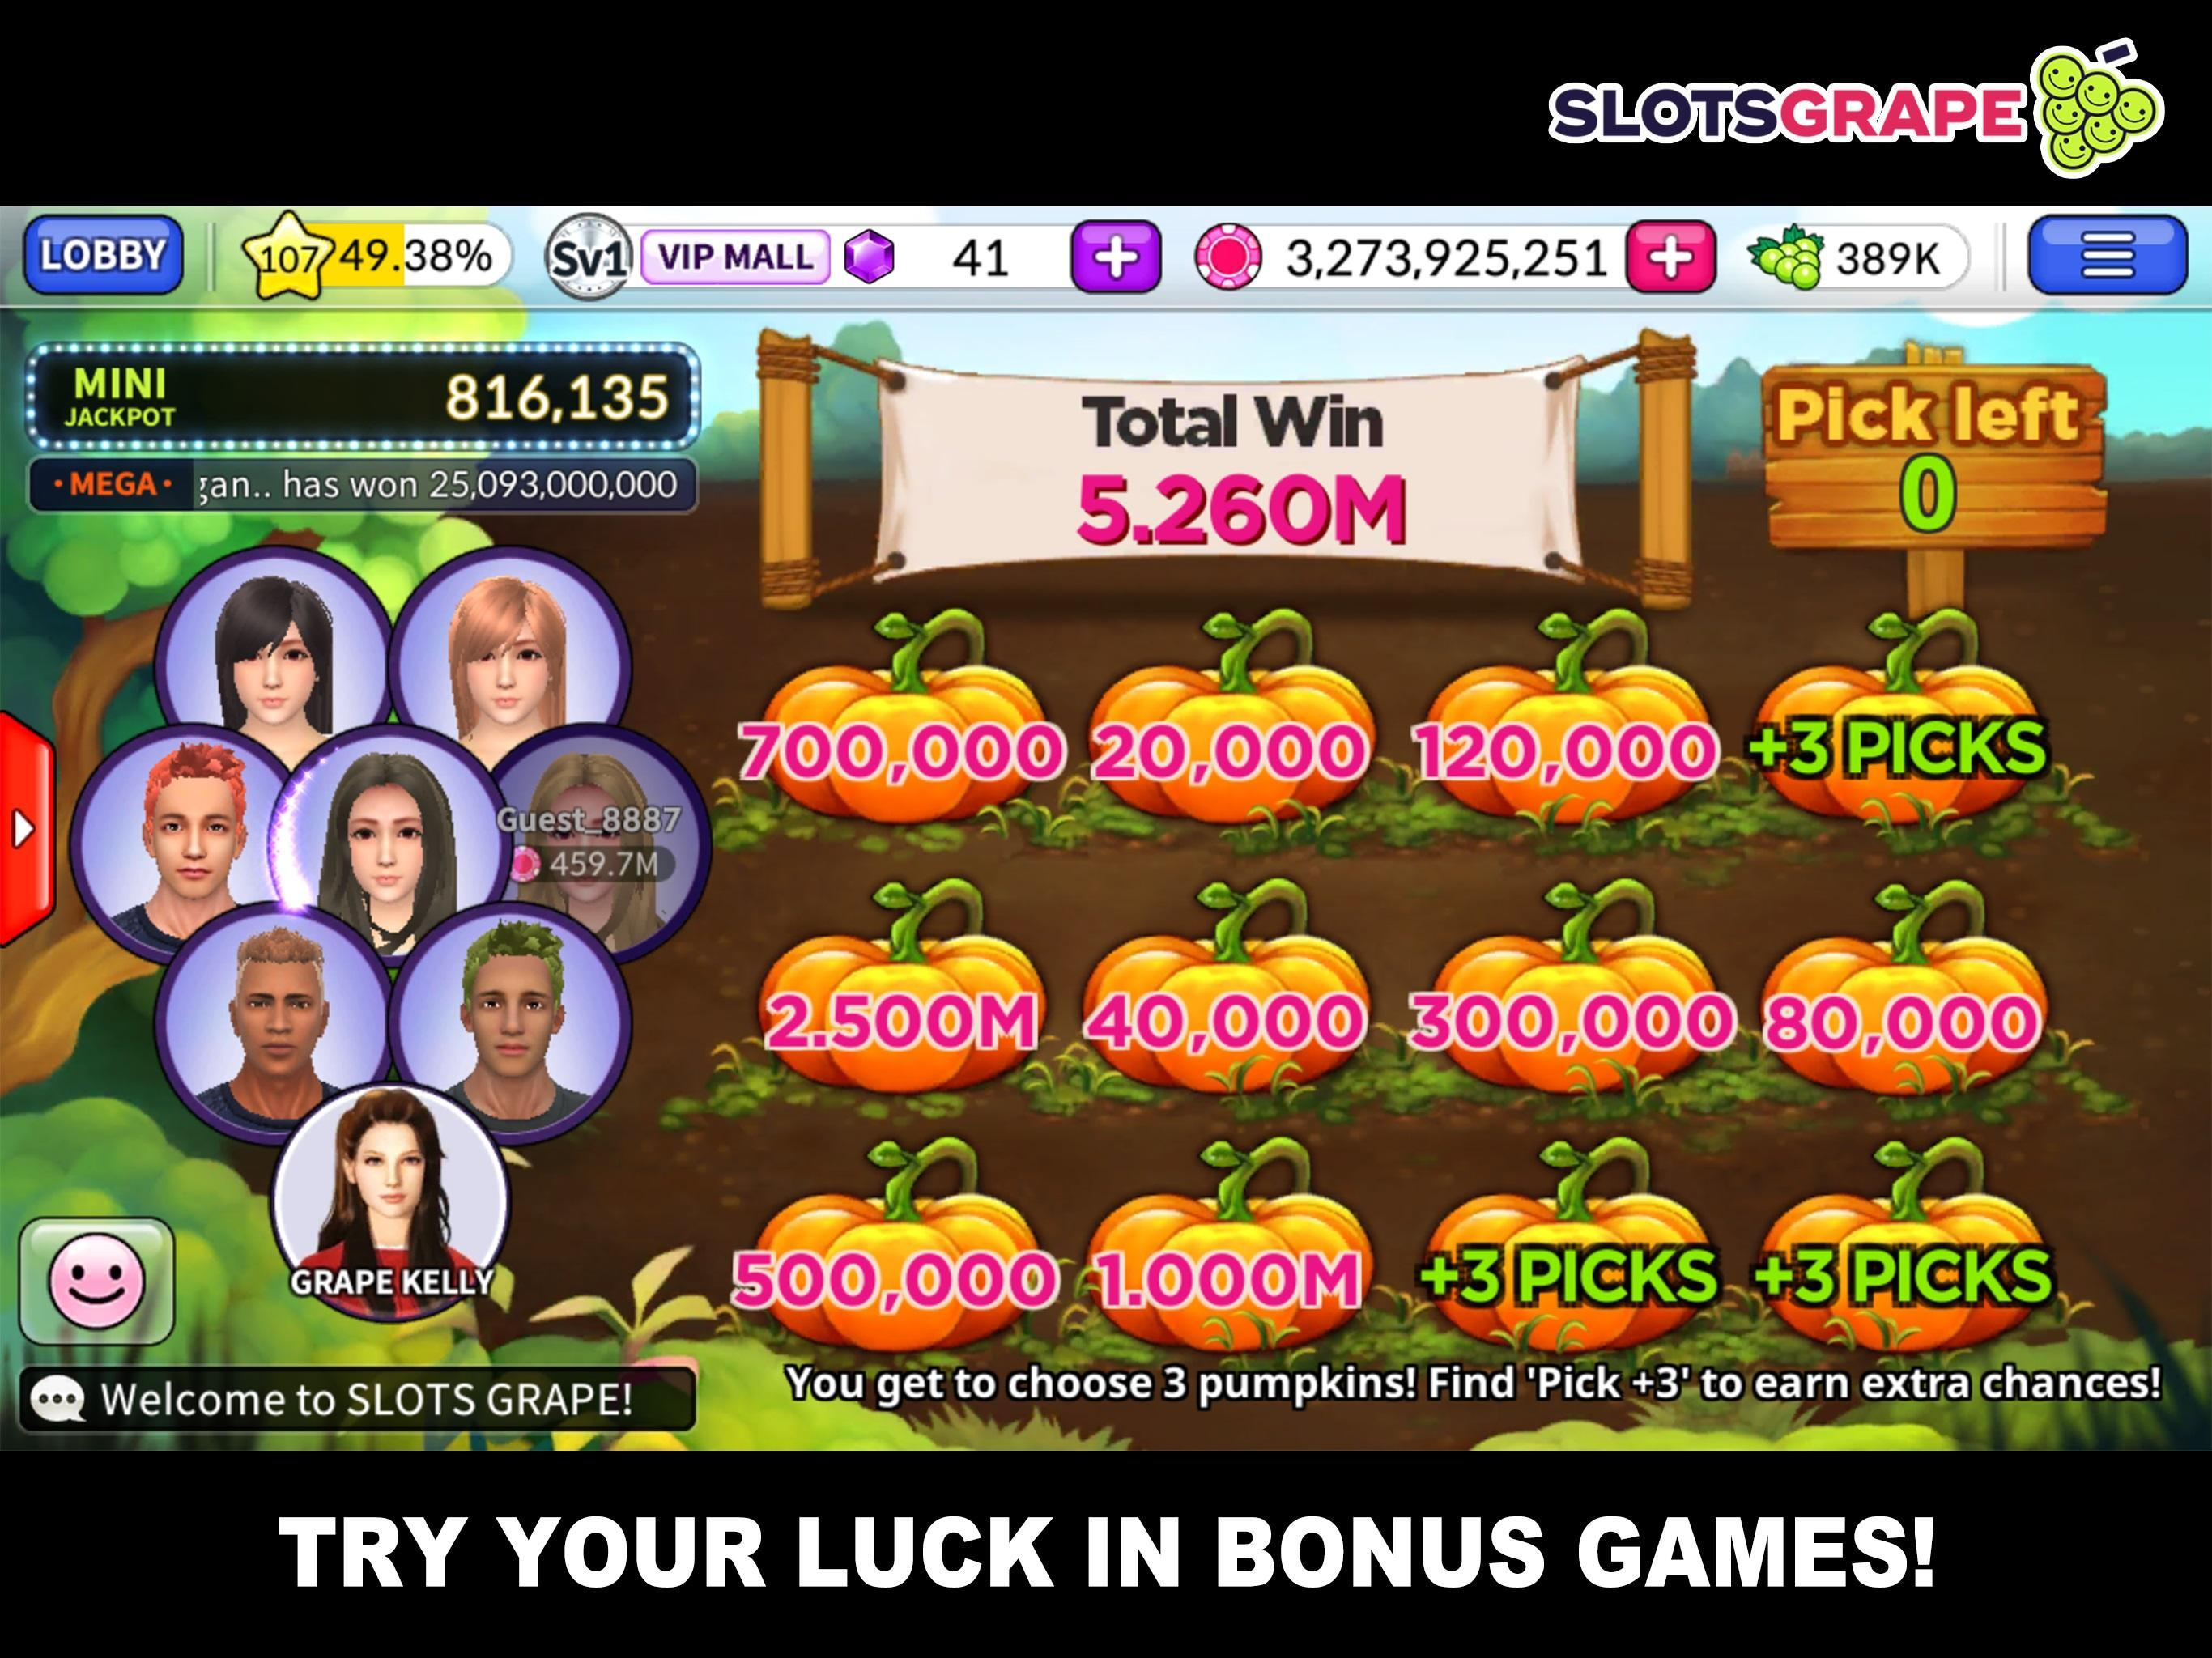 SLOTS GRAPE Free Slots and Table Games 1.0.78 Screenshot 4